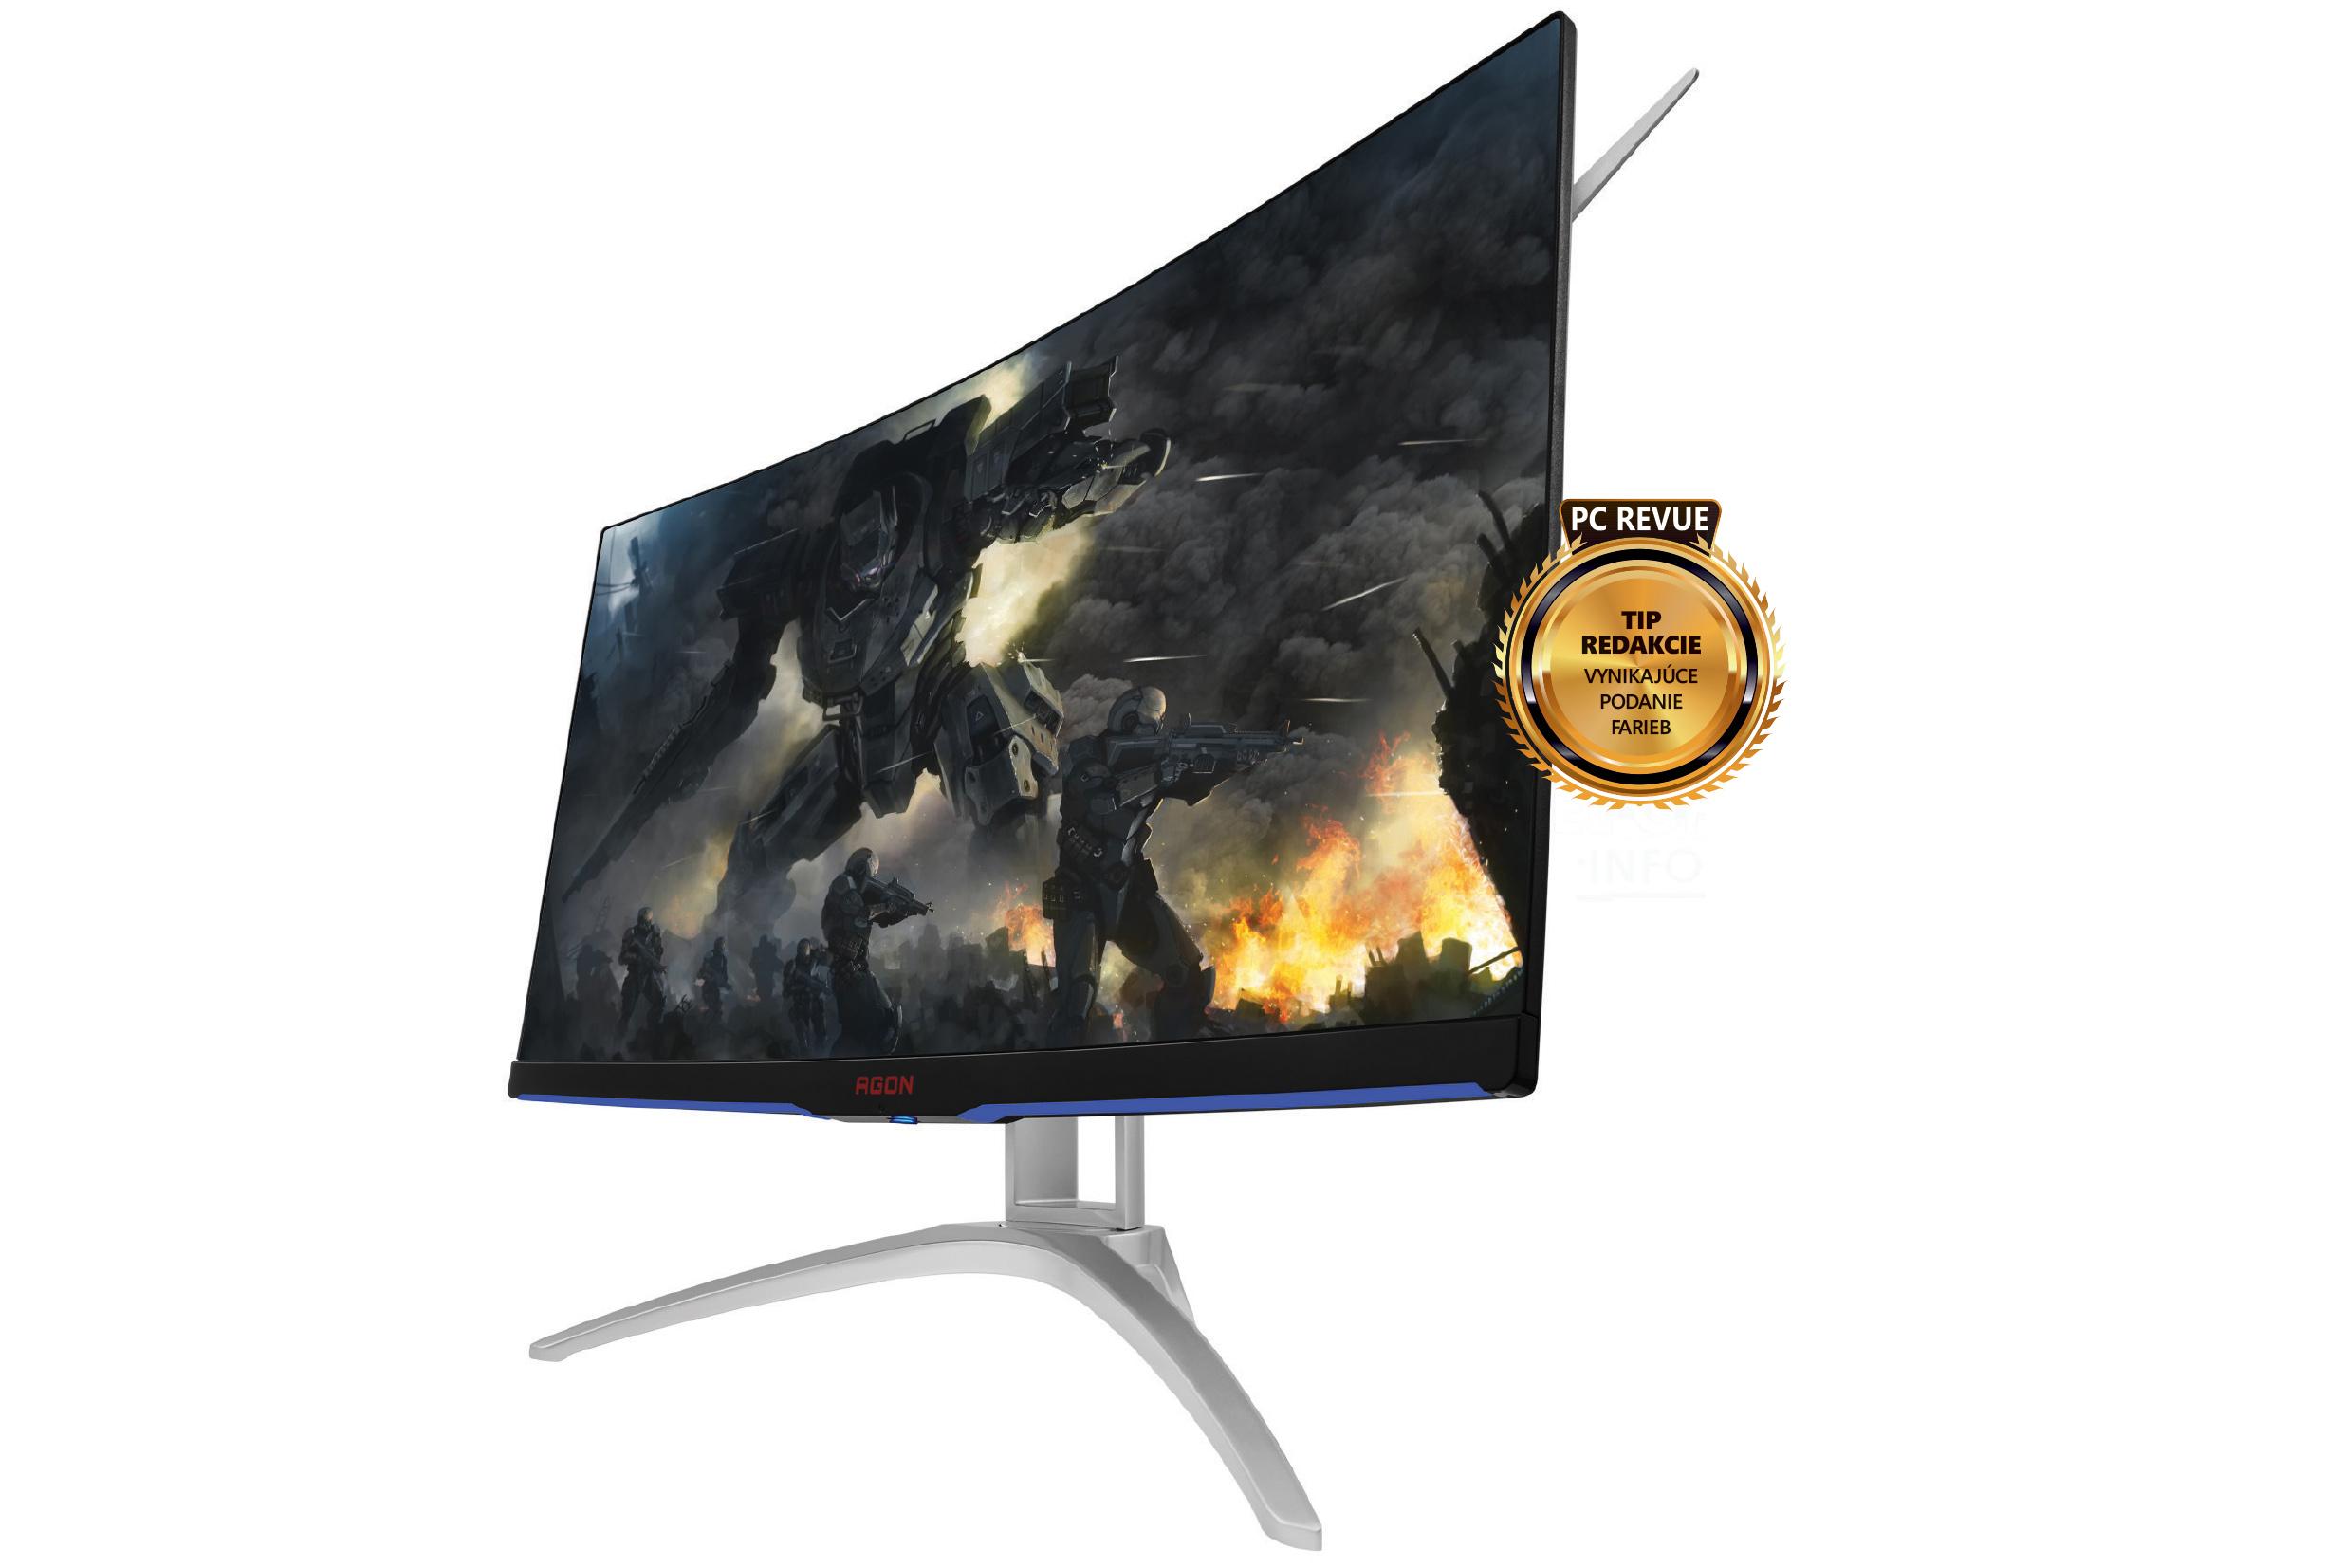 Pripojiť dva monitory k PC